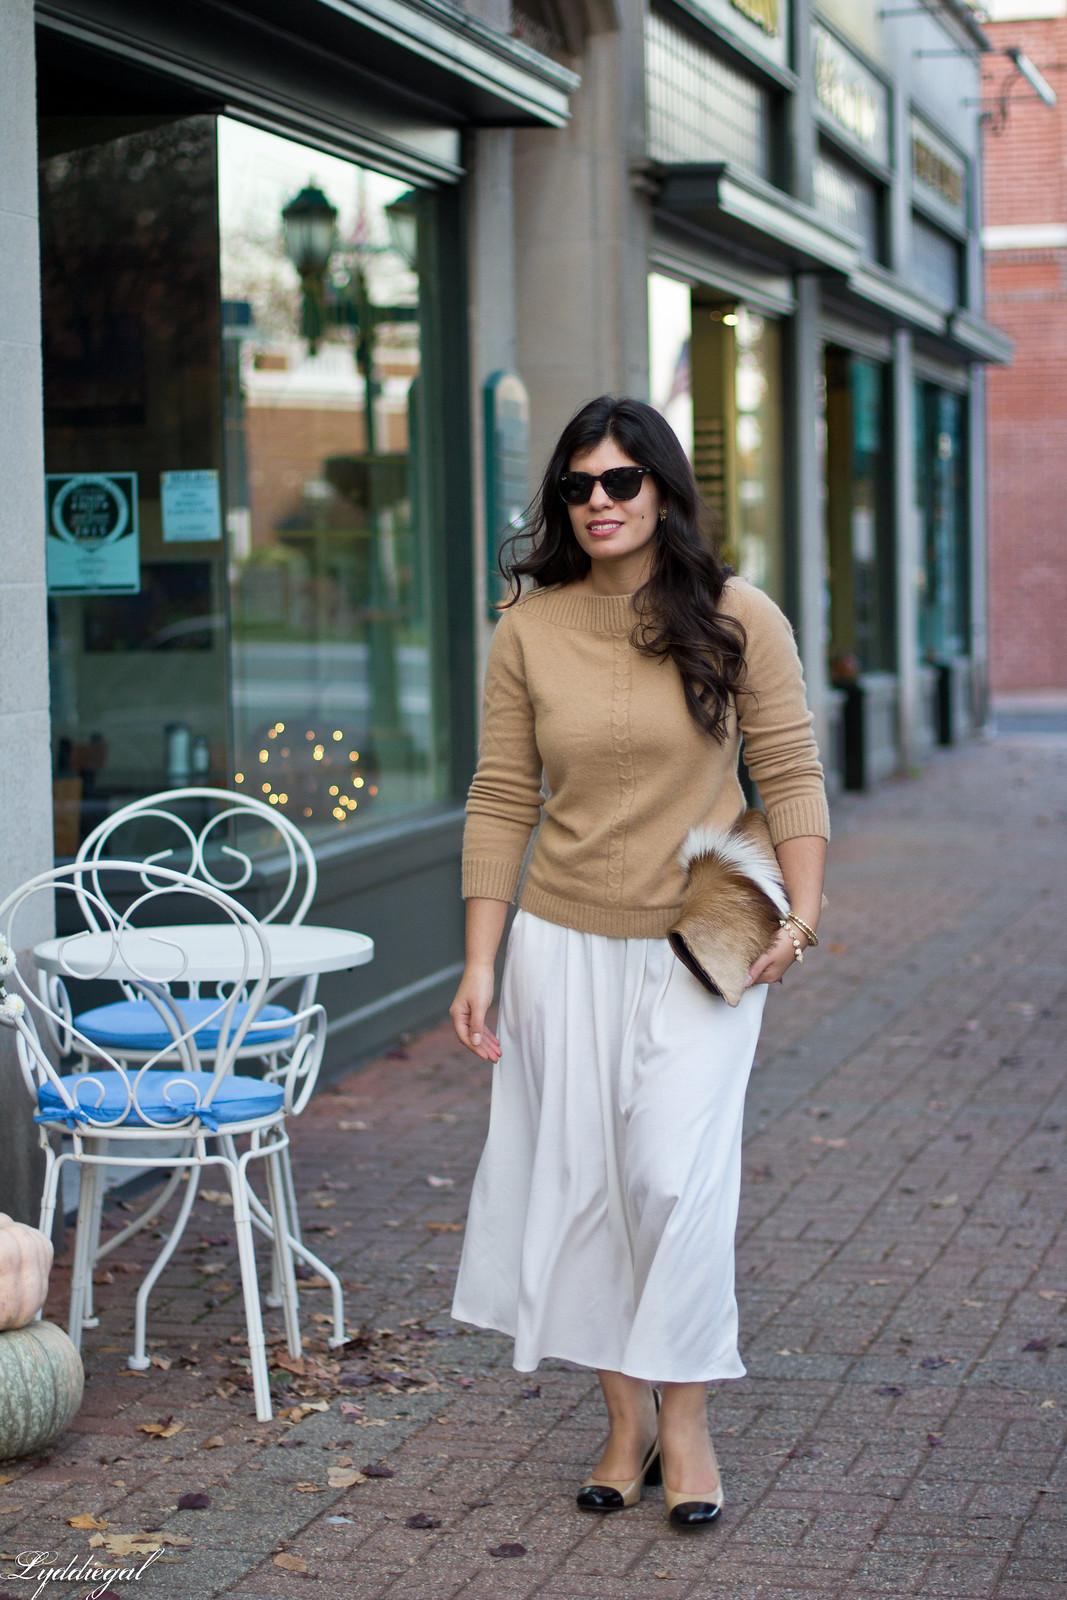 white Culottes, camel sweater, toe cap heels, springbok clutch-7.jpg